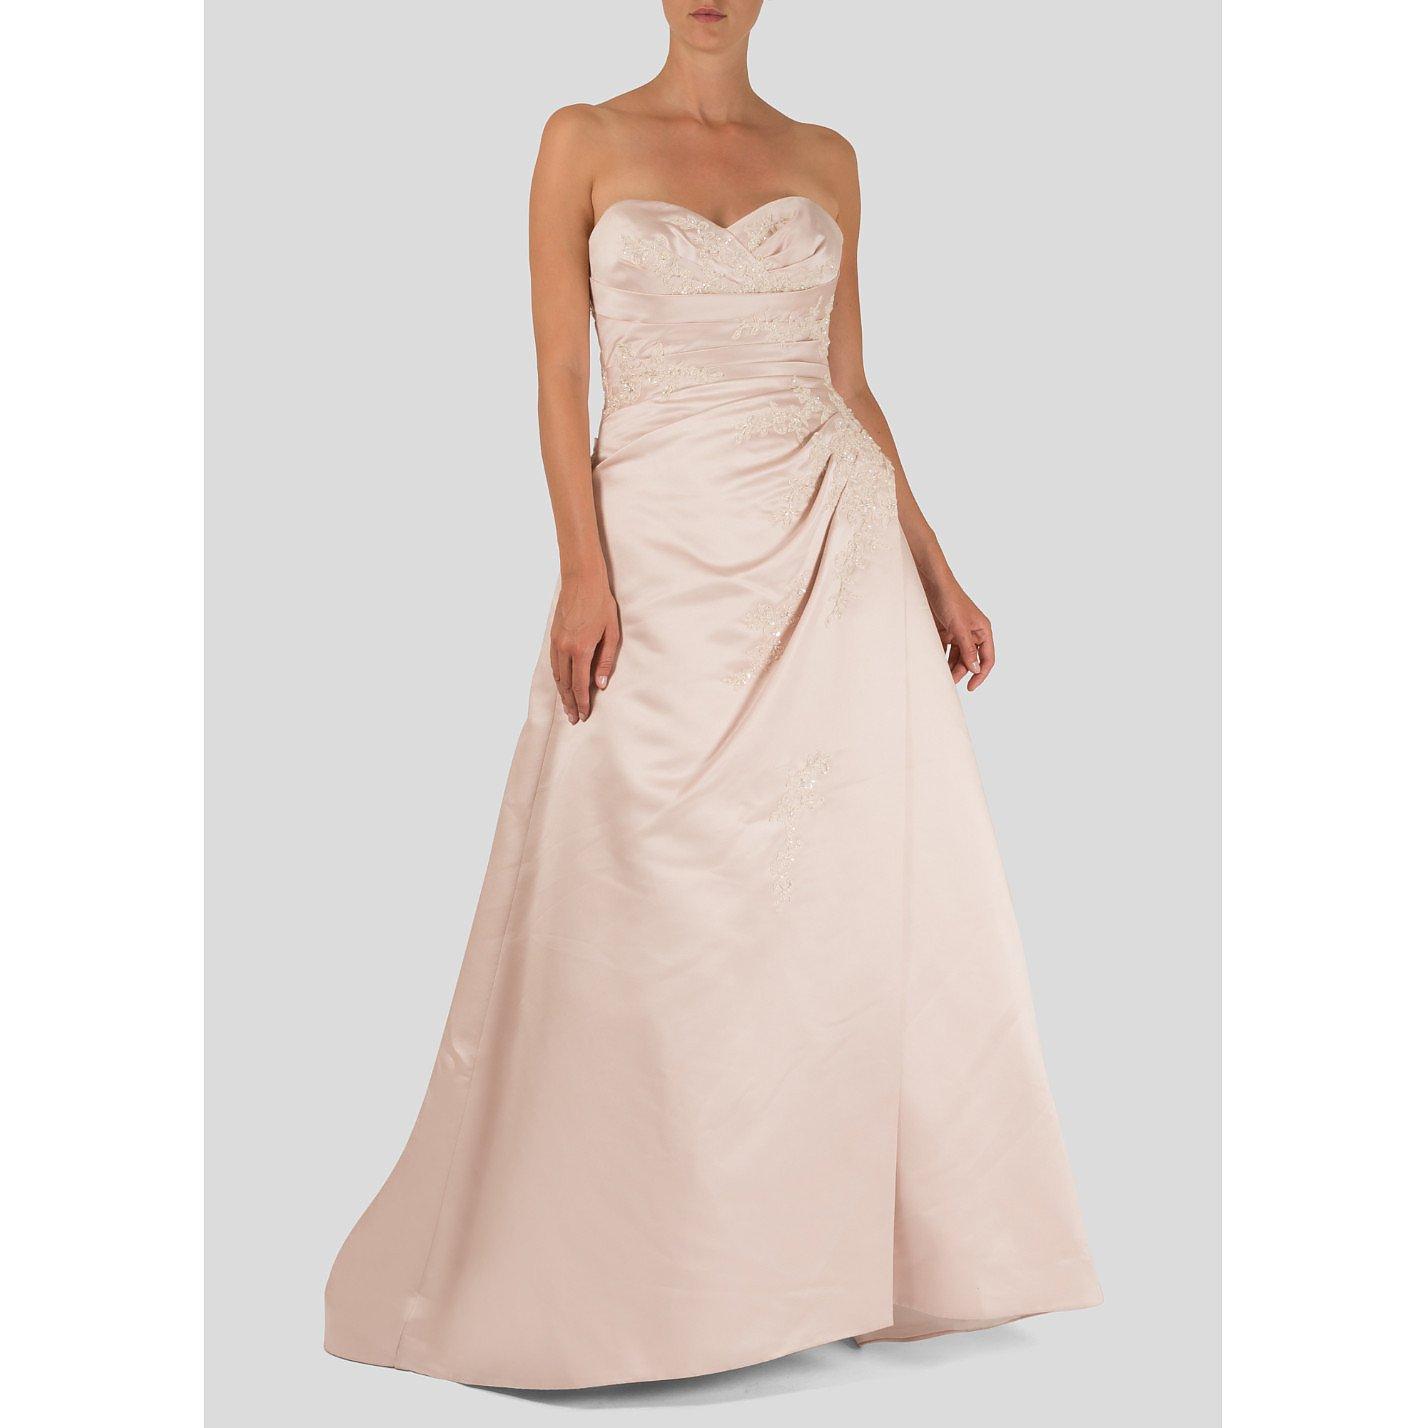 Ellis Bridals Princess Style Bridal Gown